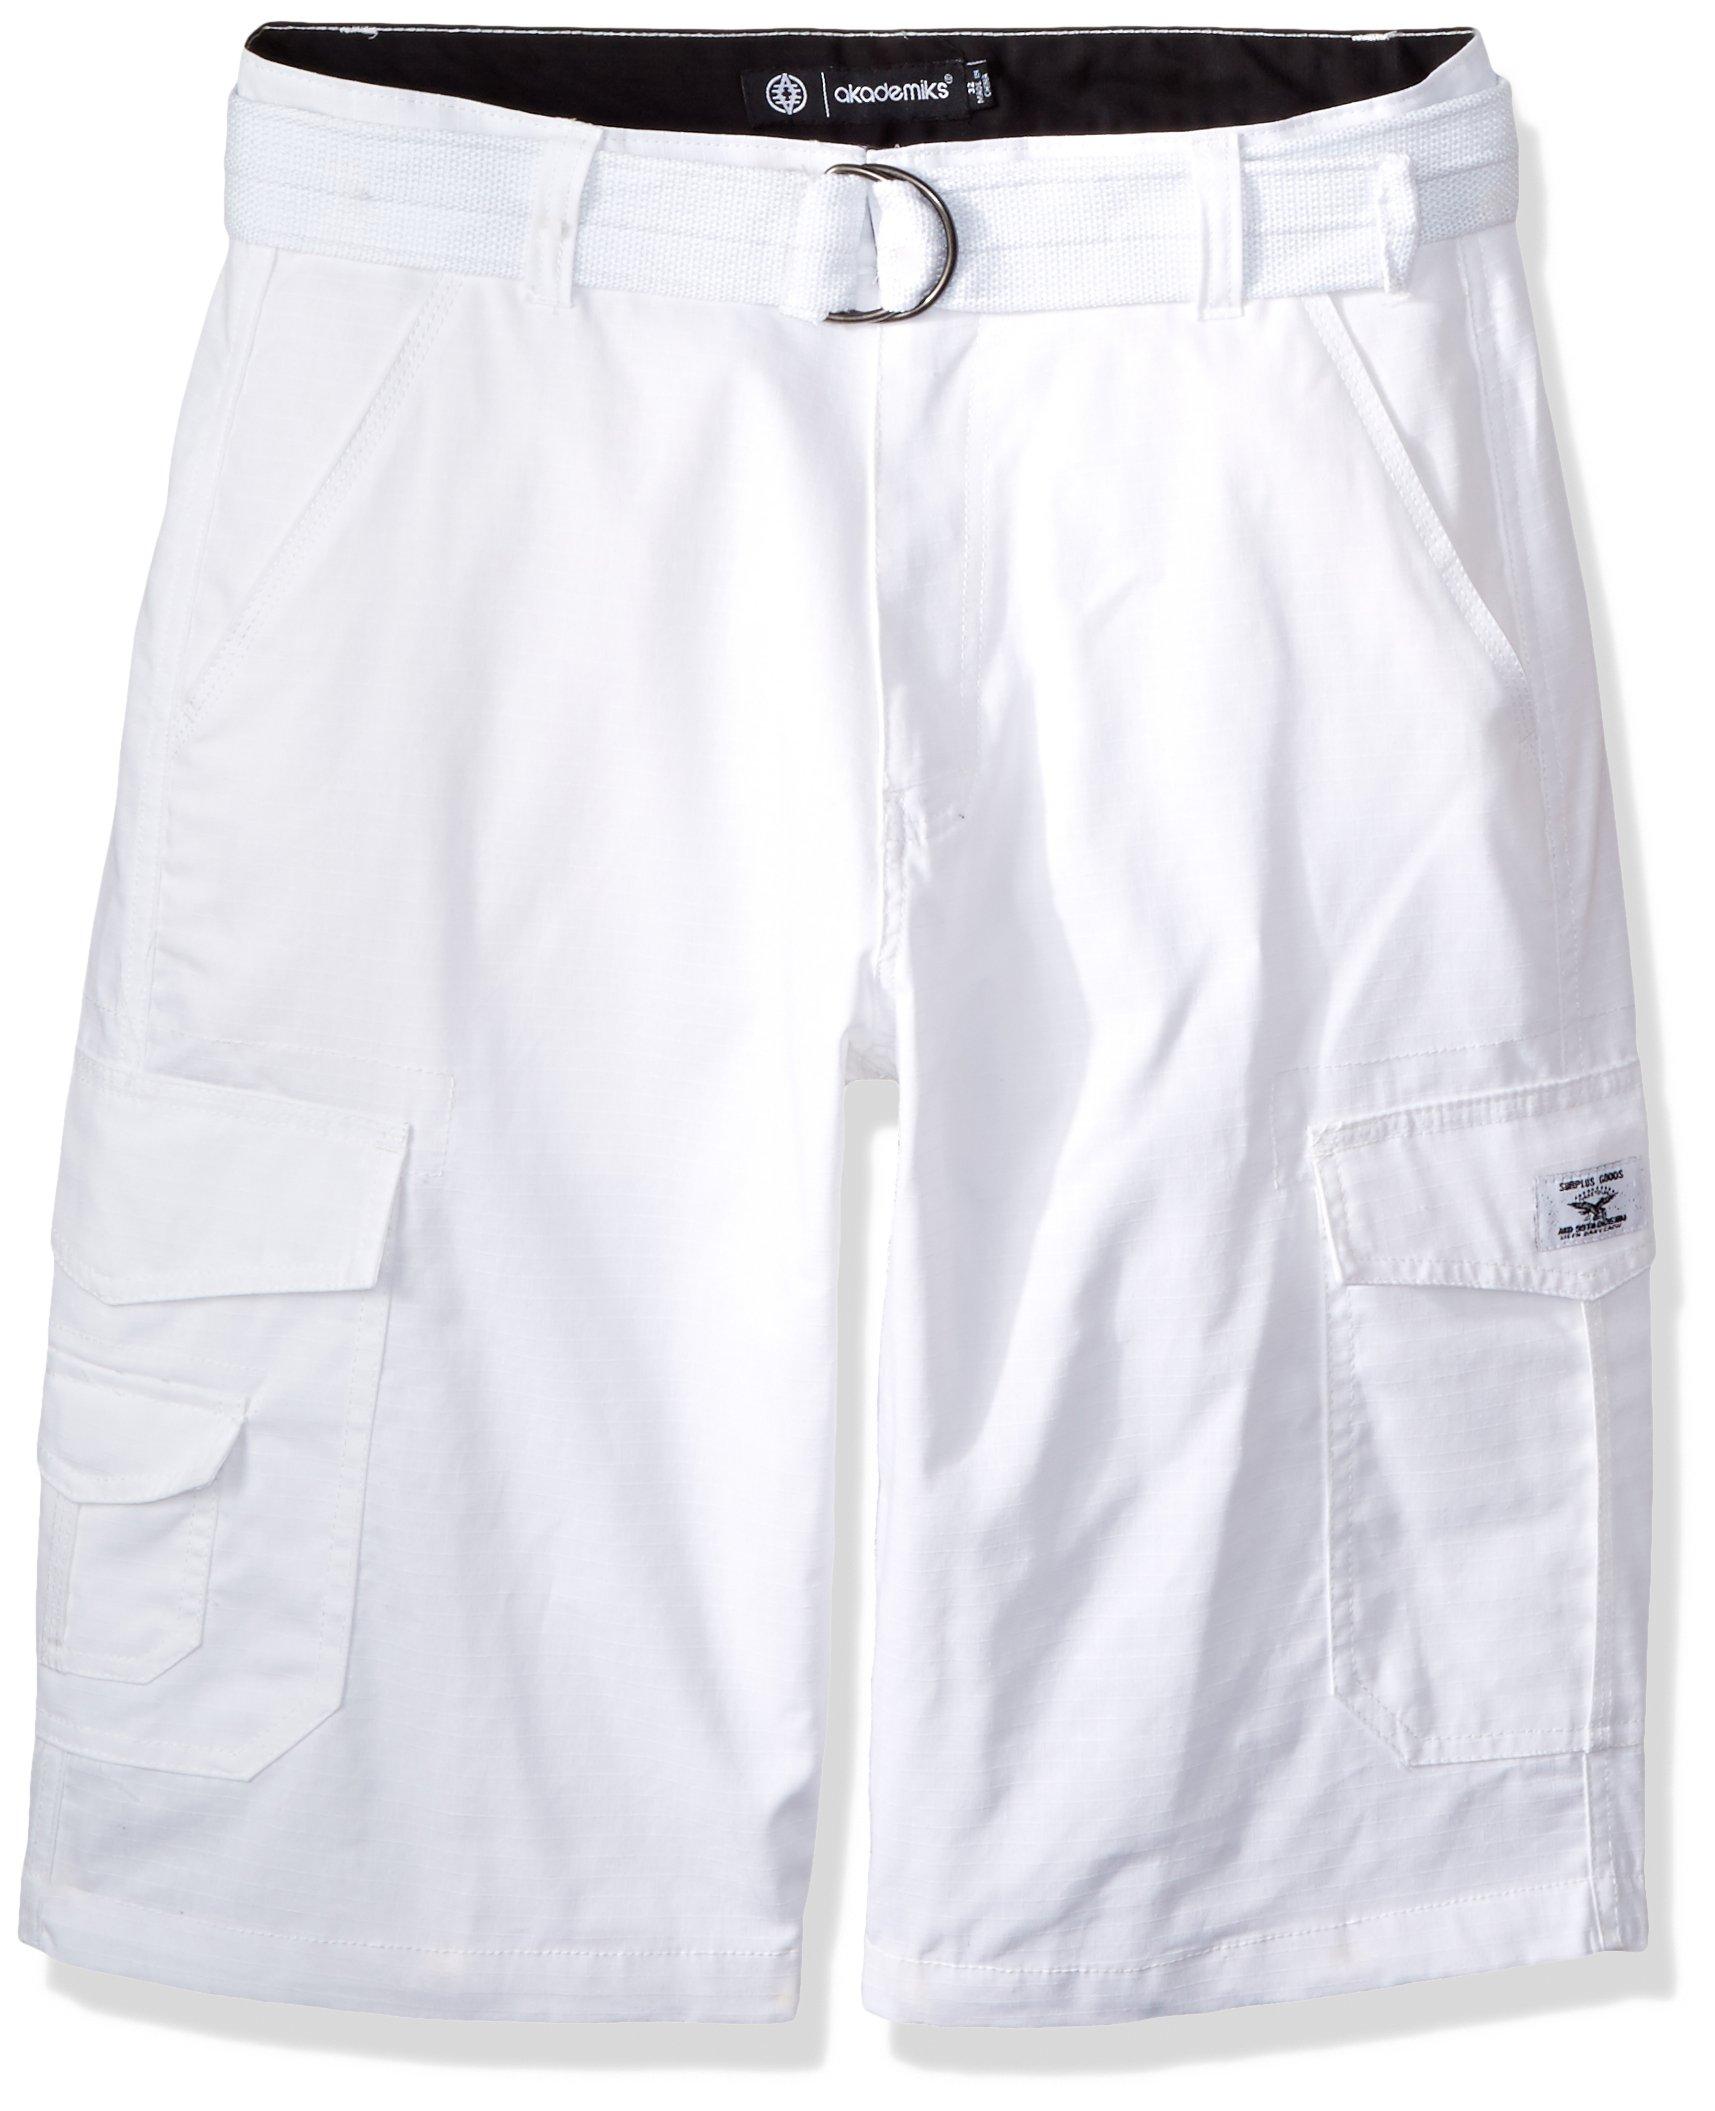 Akademiks Men's Cargo Shorts, Belted White, 42